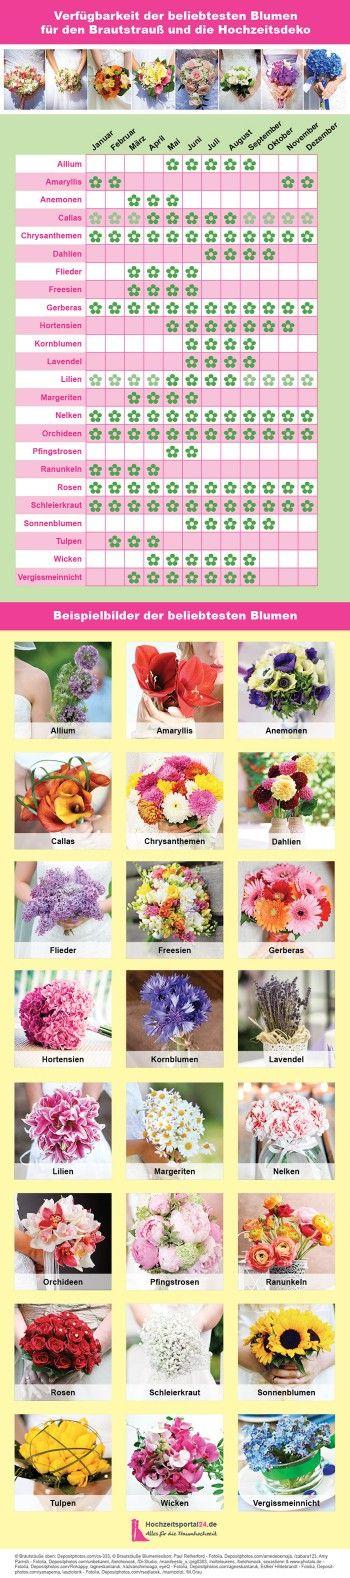 Blumenlexikon und Verfügbarkeit der Blumen